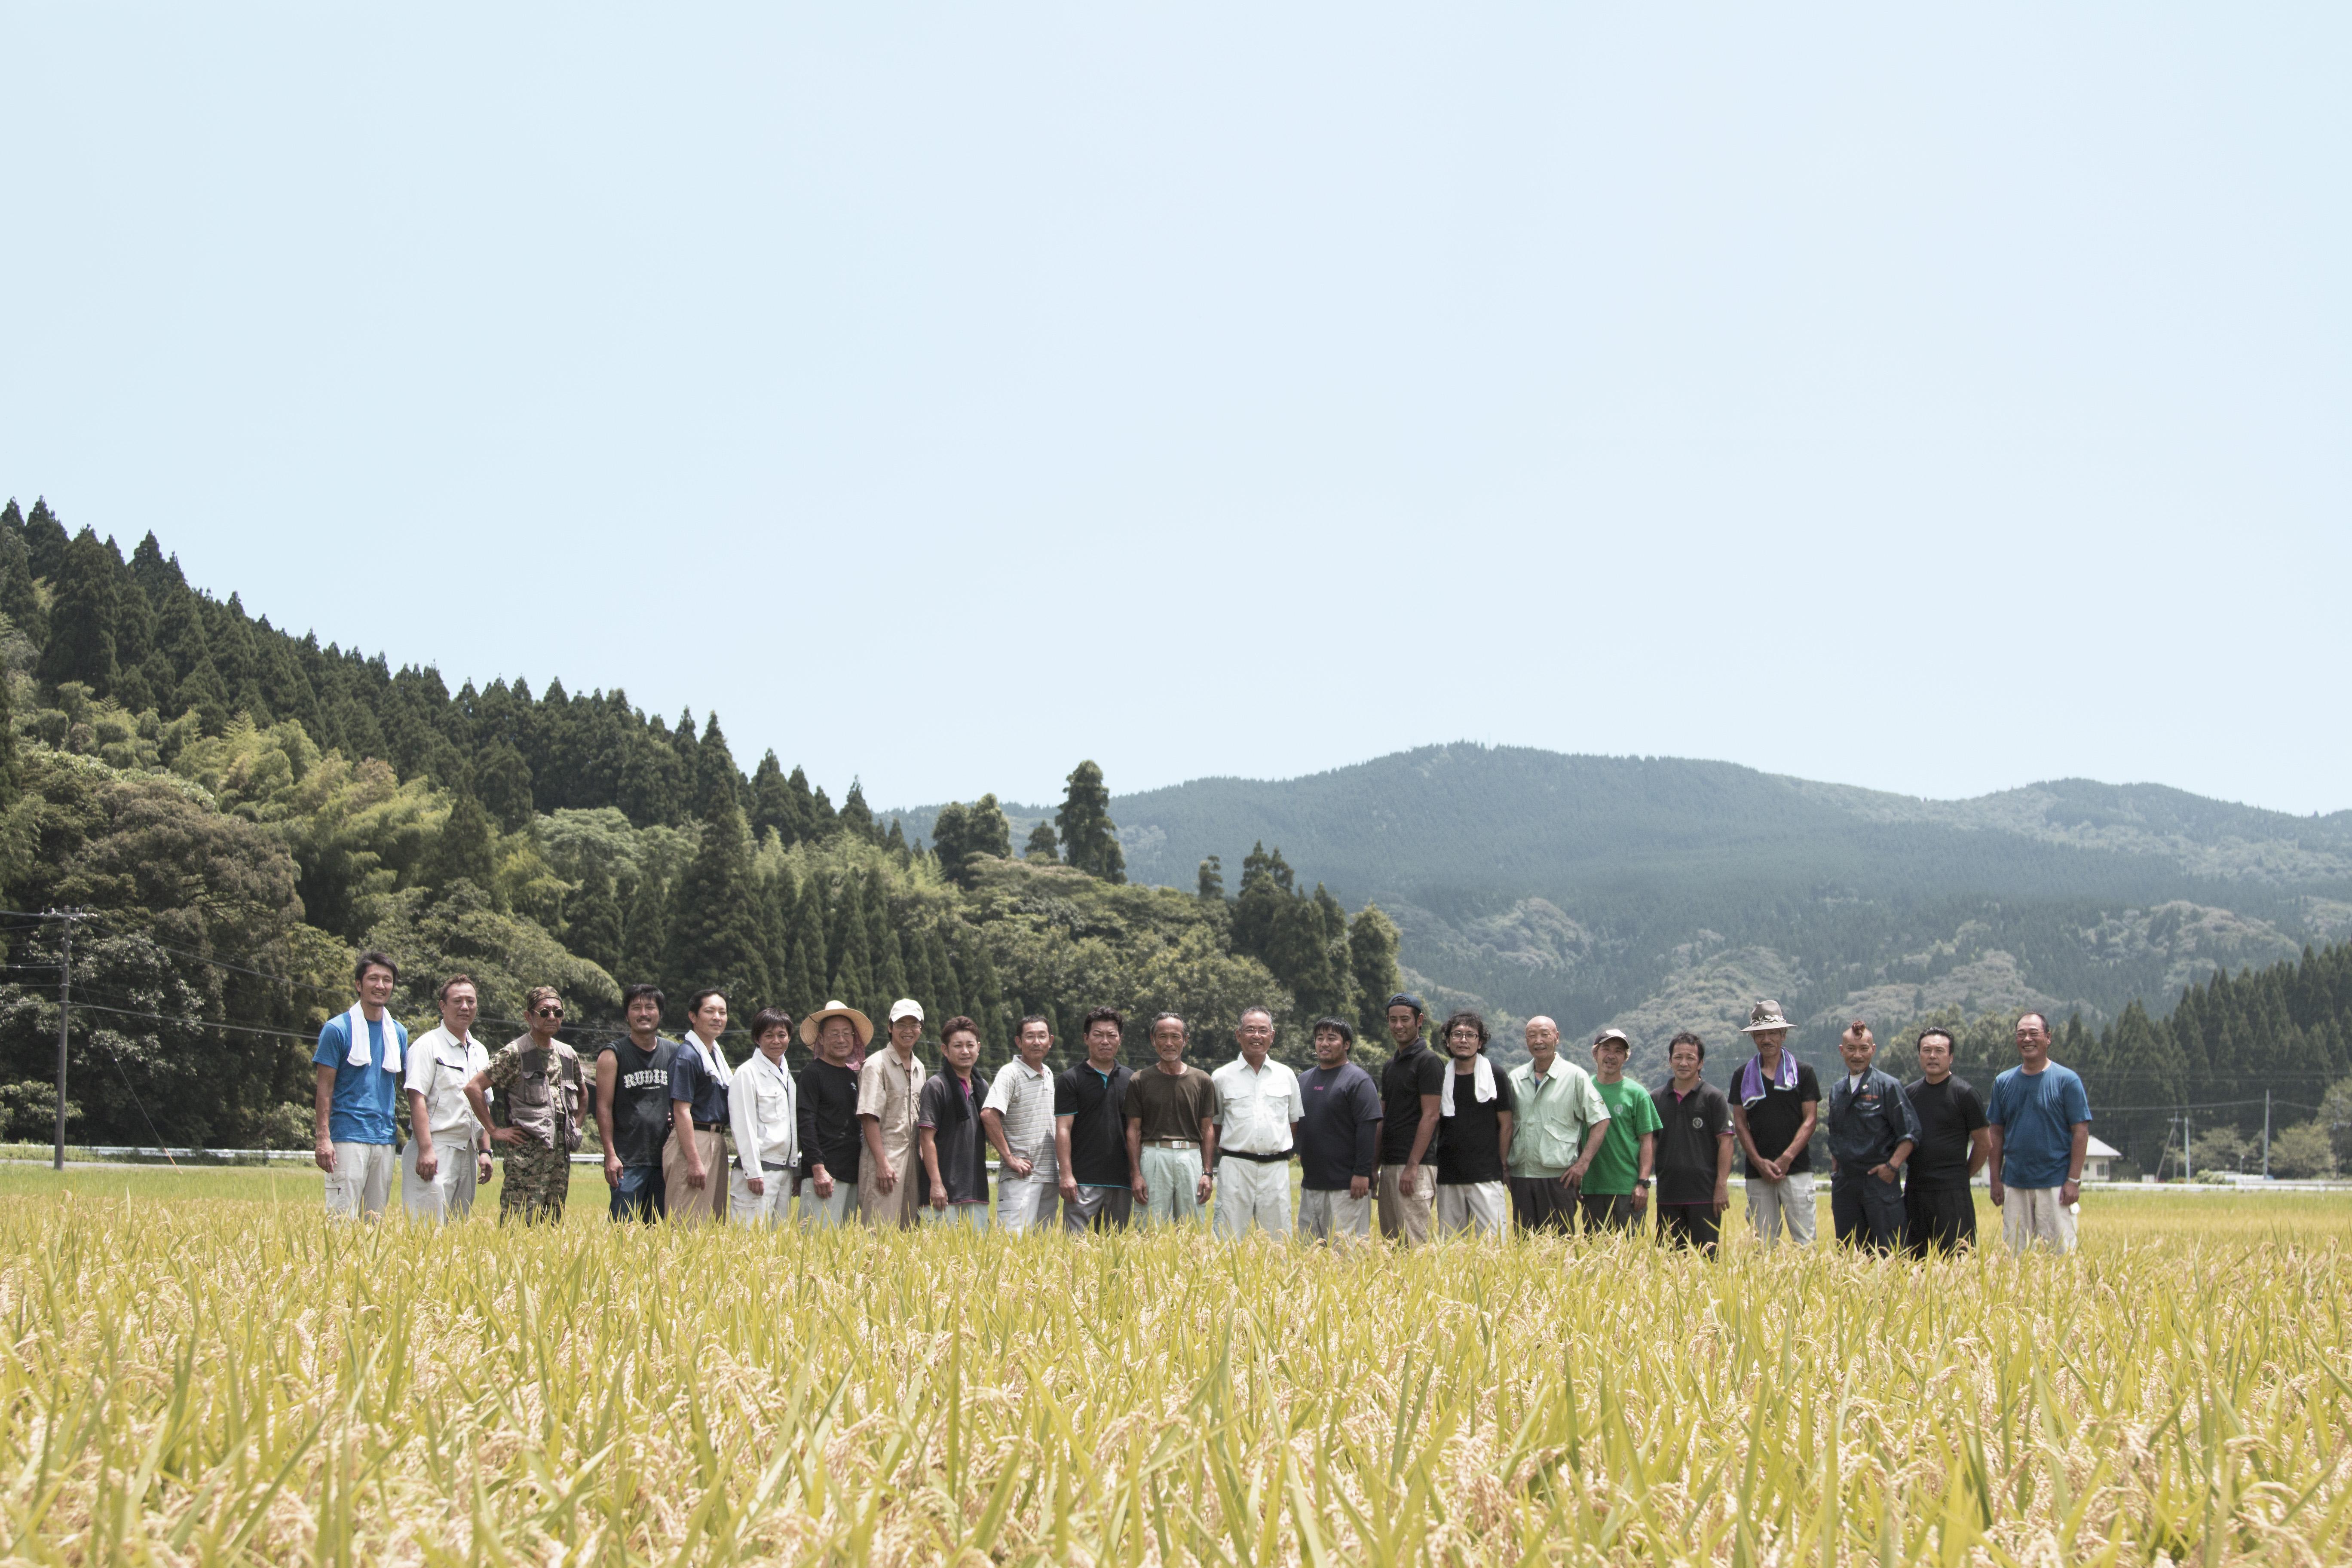 自社/契約農家がヒナを<br /> 飼育し、買取。<br /> 「生産者見える」安心